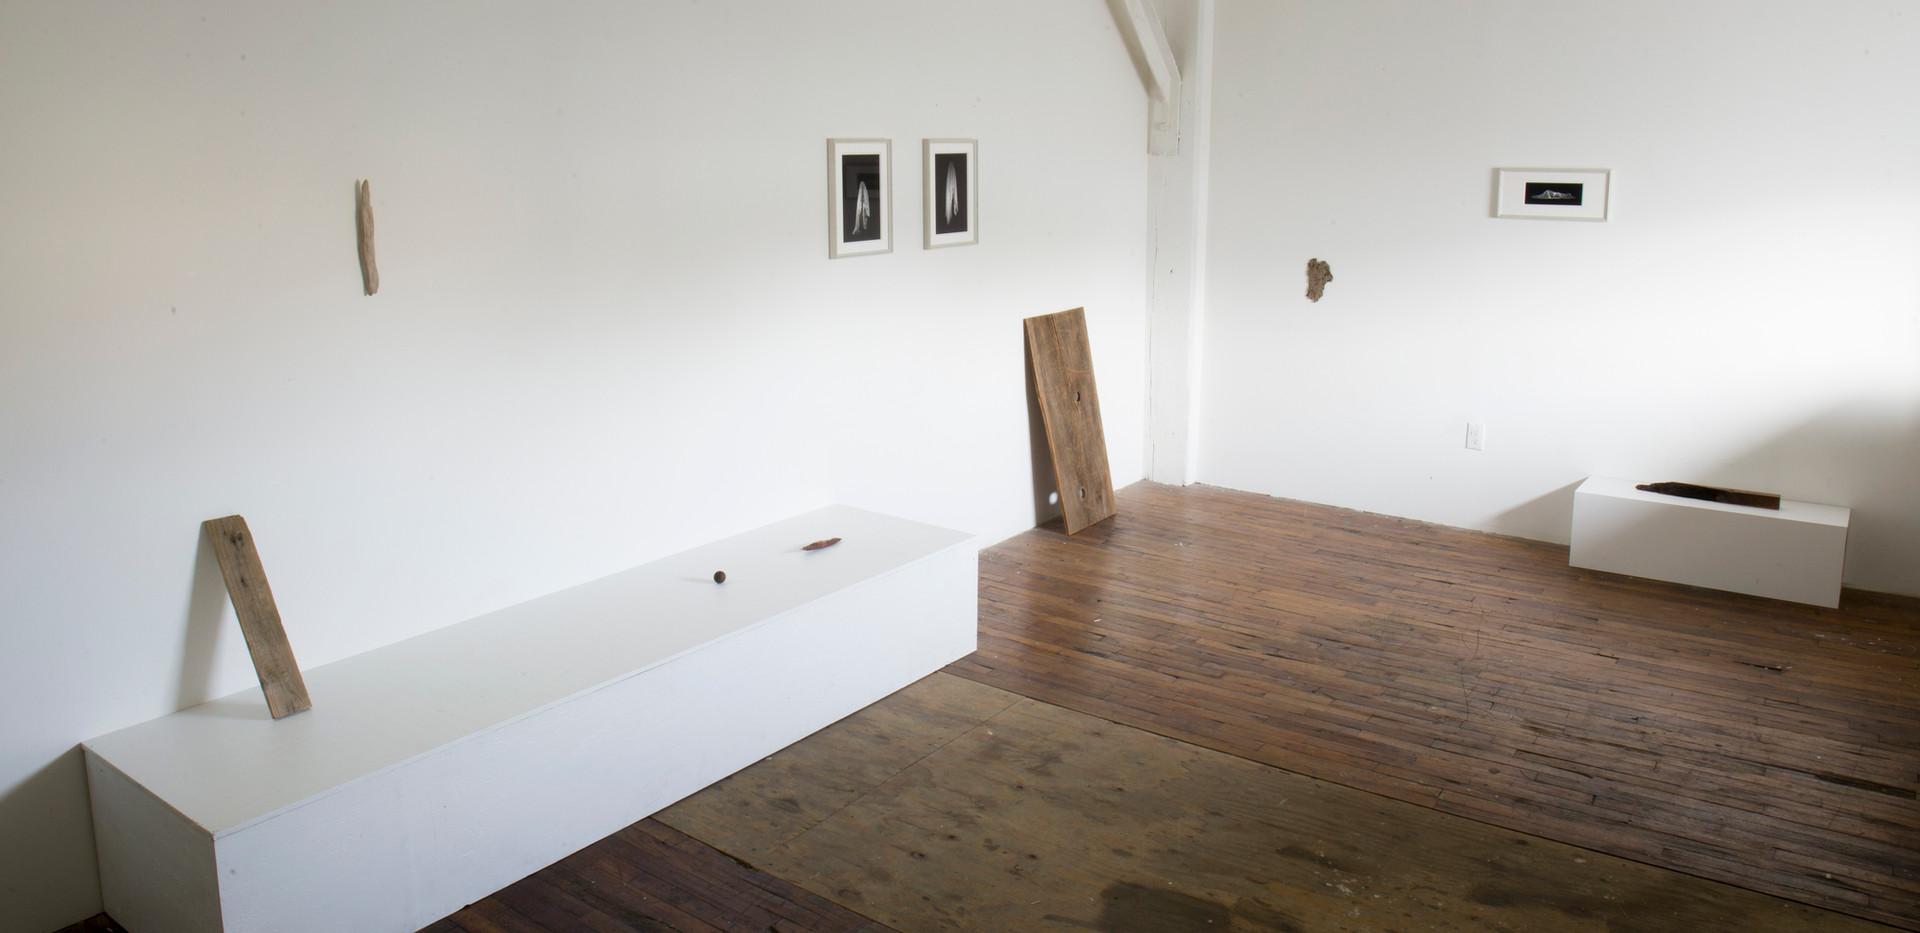 installation view2